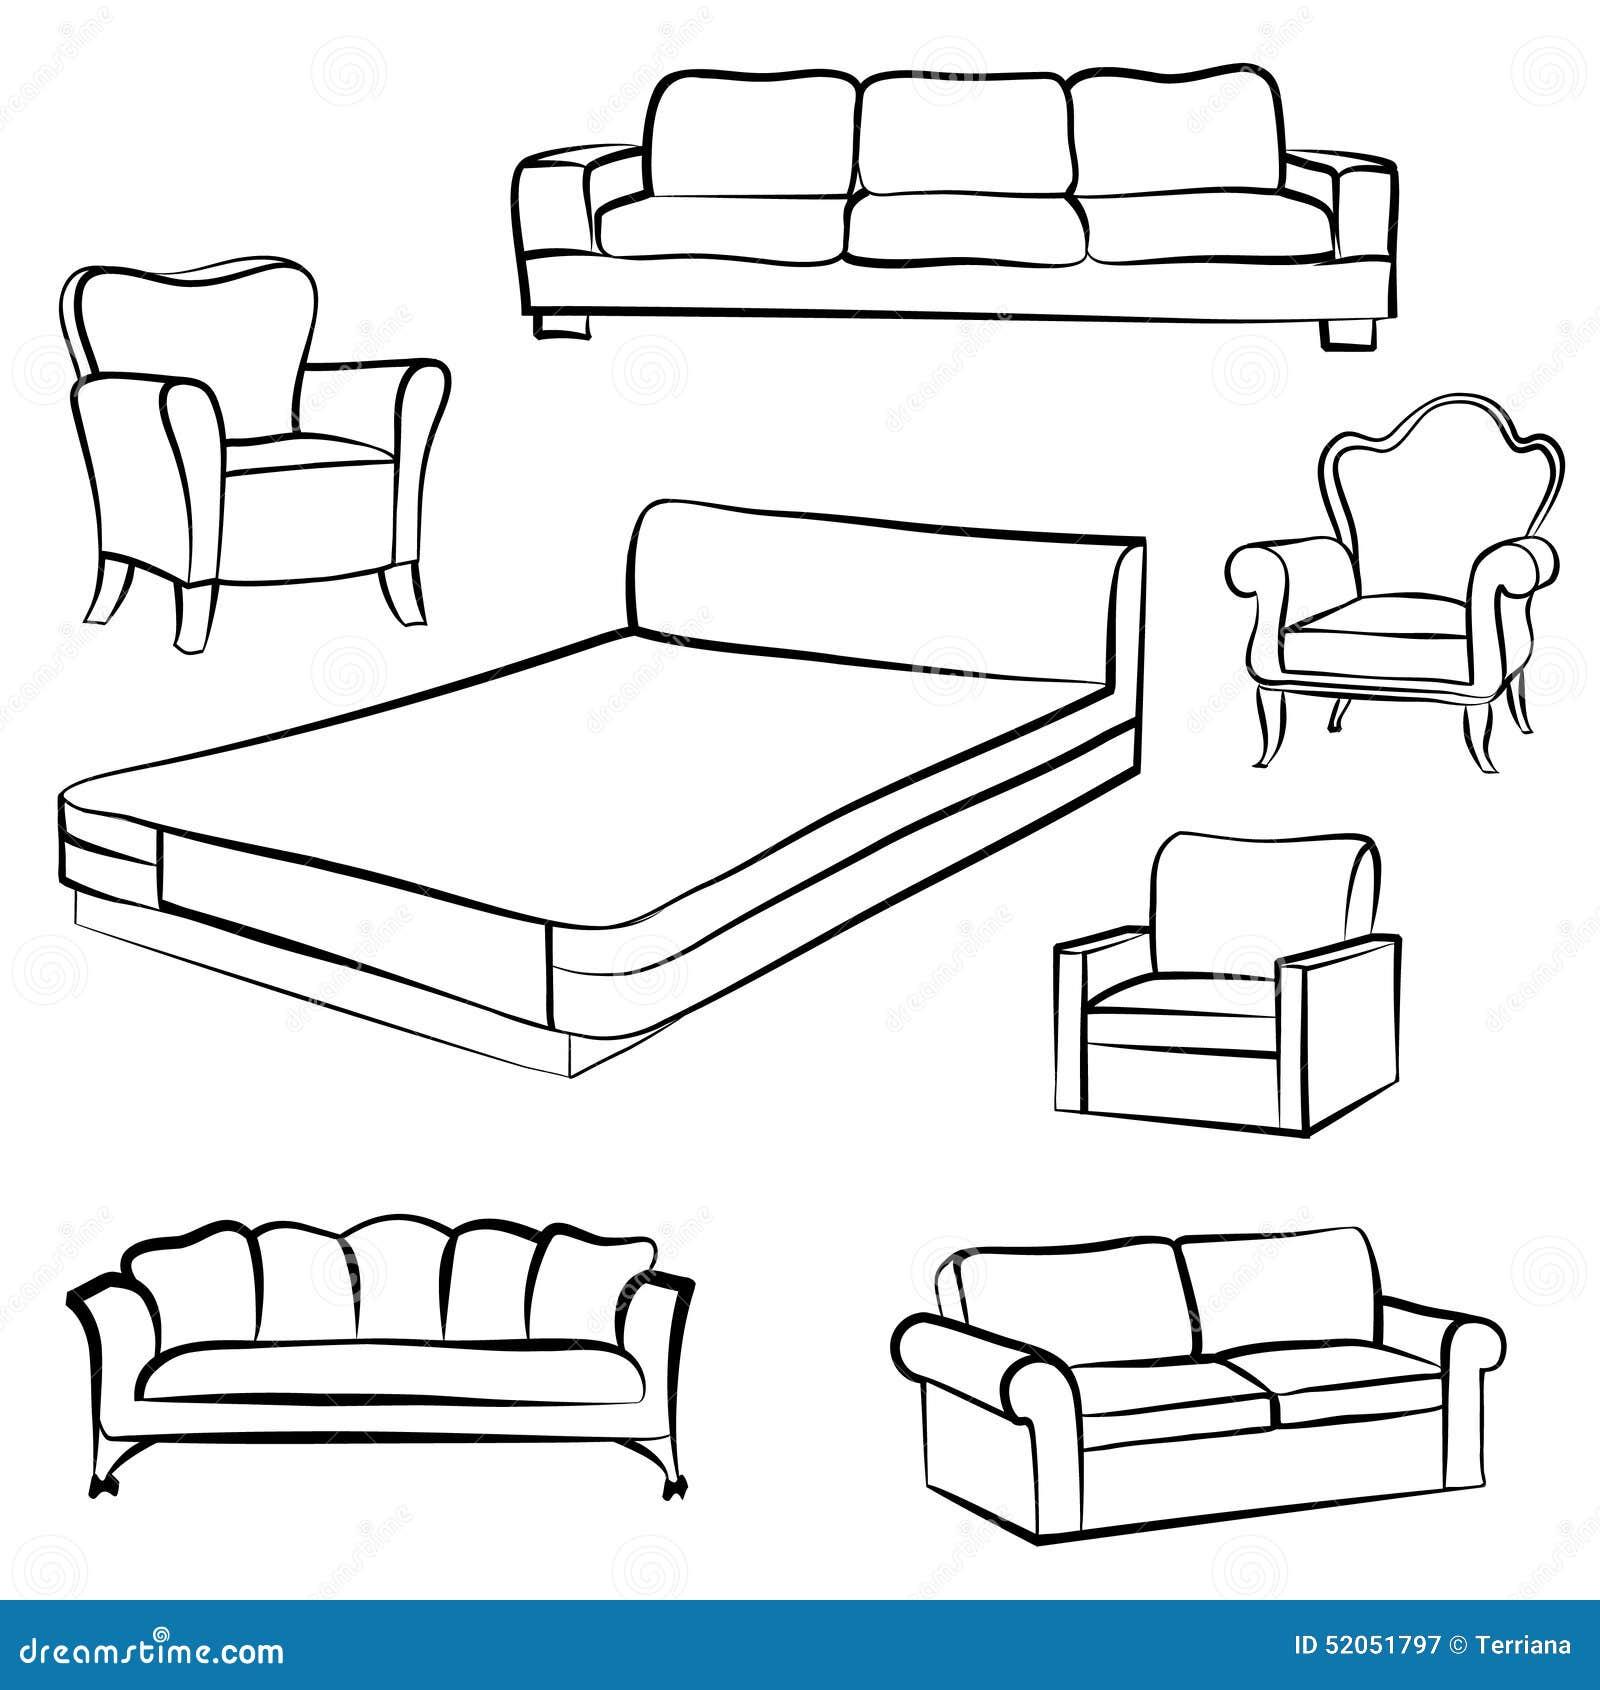 Sofa gezeichnet  Hand Gezeichnete Abbildung Auf Weiß Innendetailentwurfssammlung ...